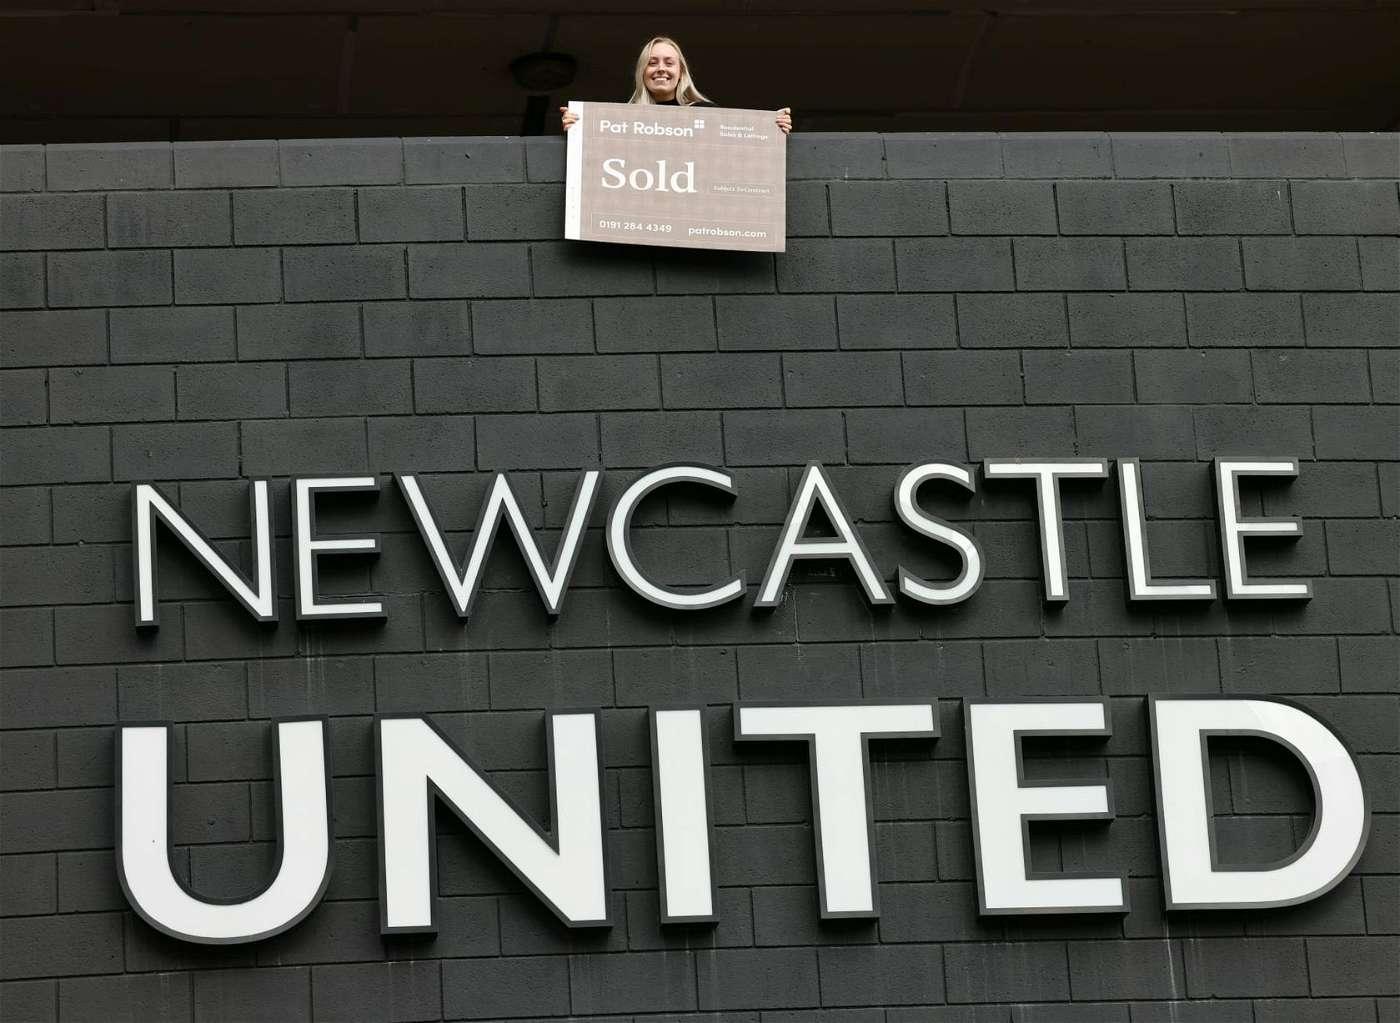 جماهير نيوكاسل تحتفل باستحواذ السعودية على النادي